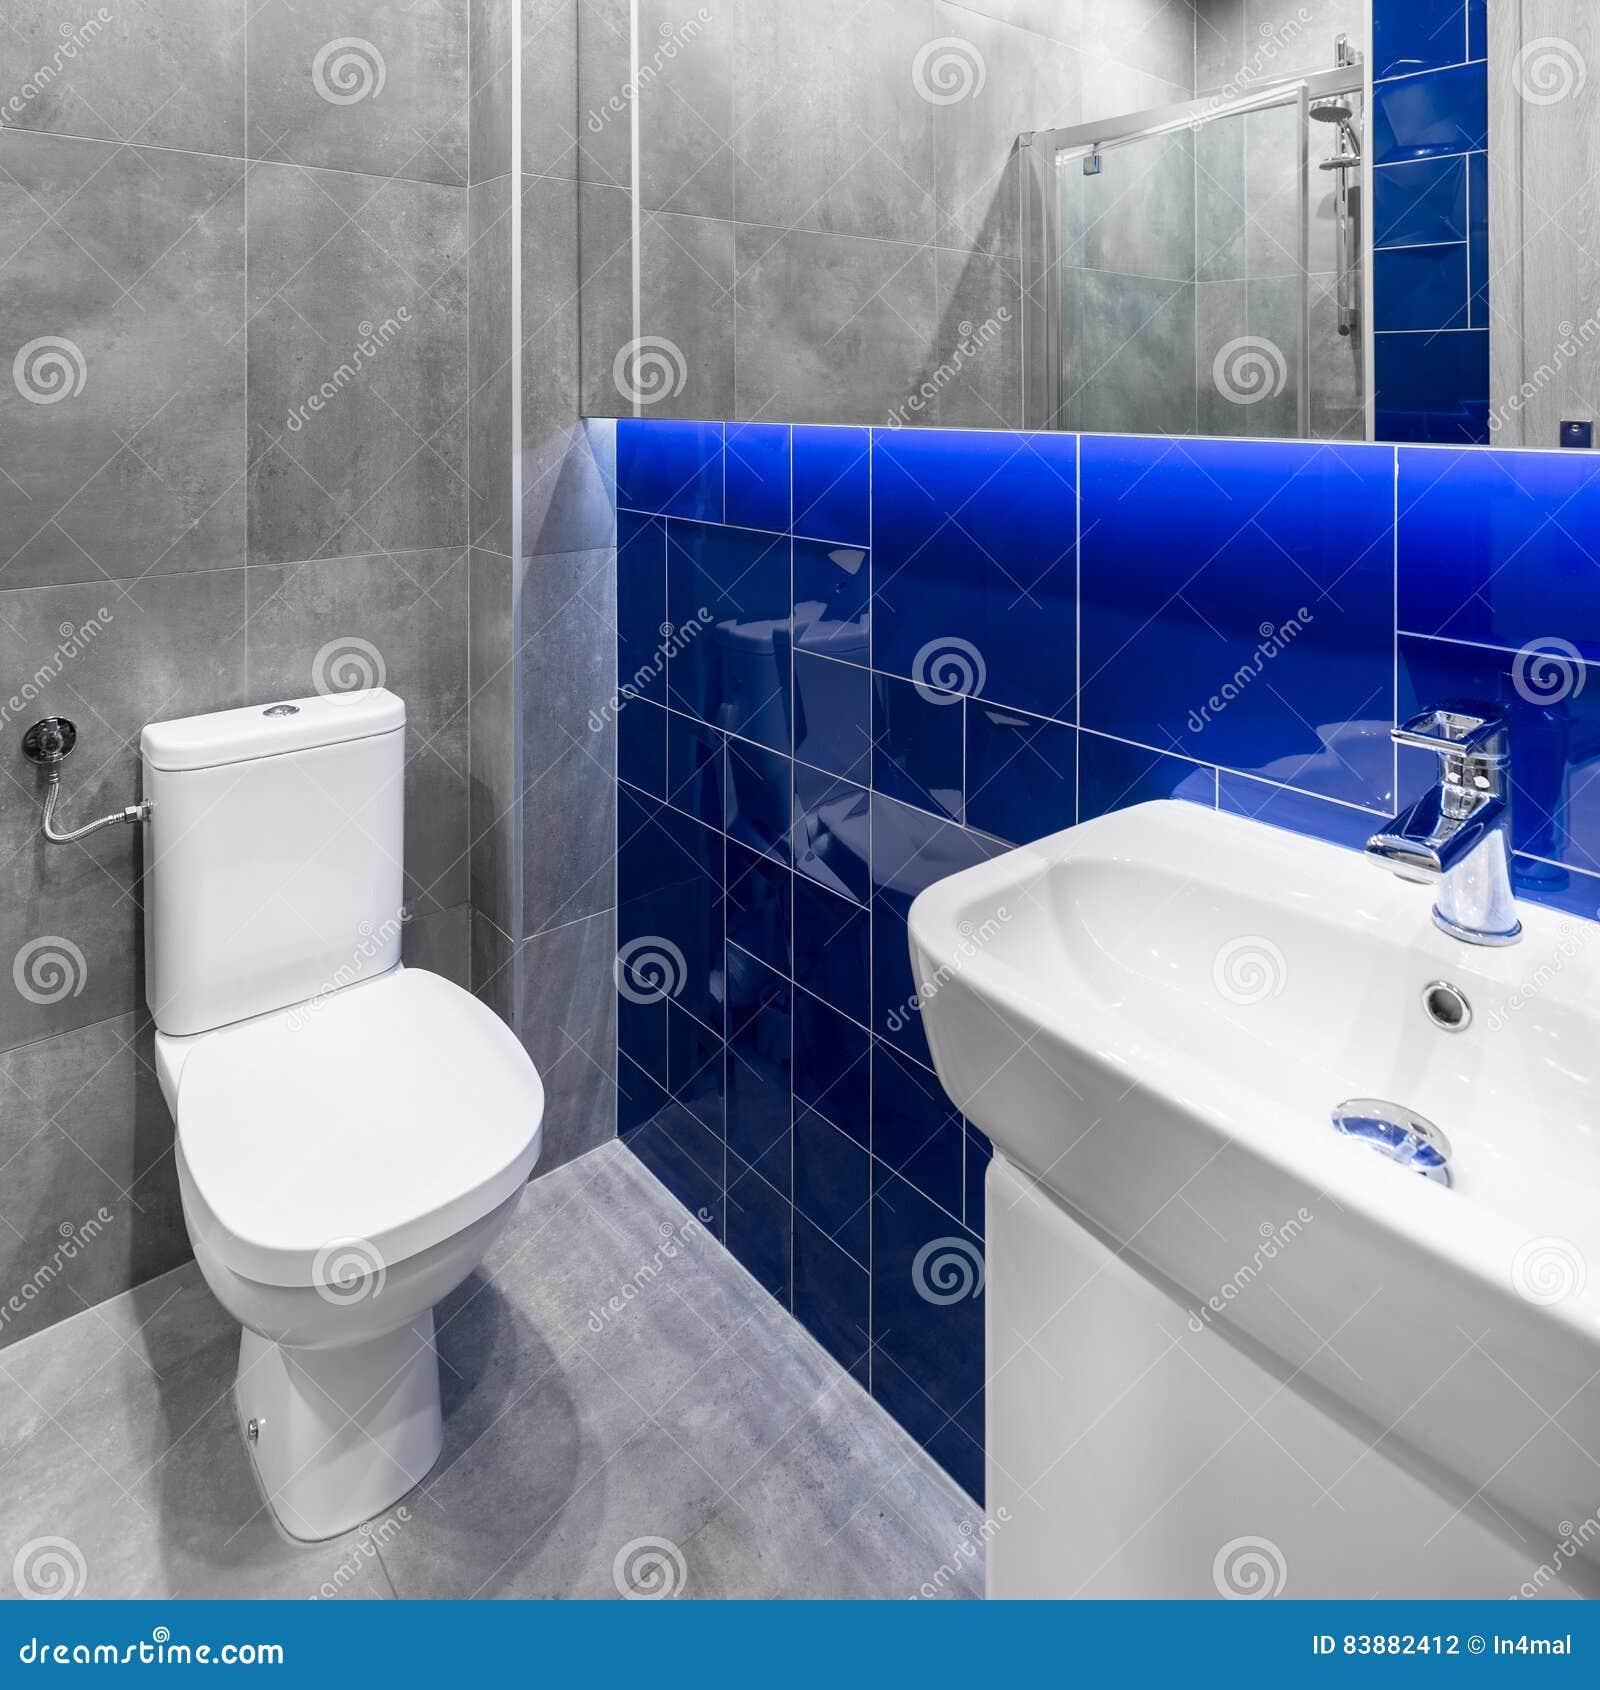 Petite Salle De Bains Grise Et Bleue Photo stock - Image du ...